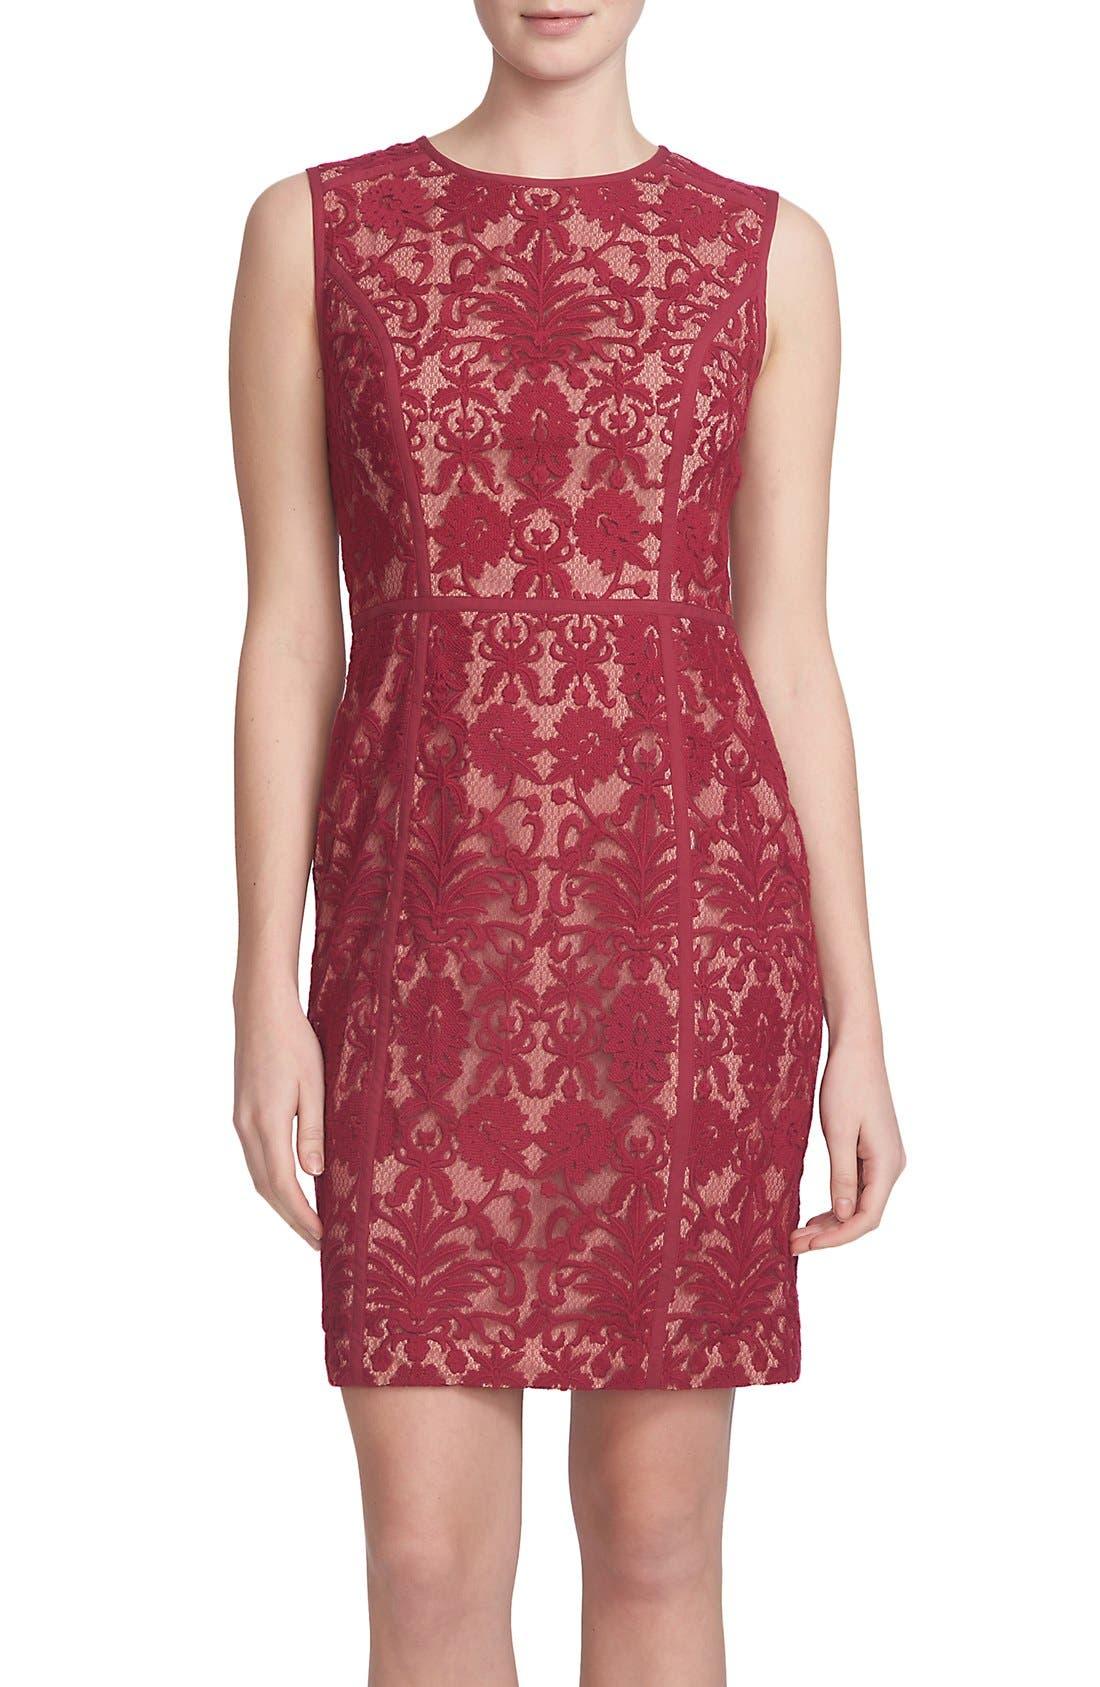 Main Image - Cynthia Steffe 'Elenora' Lace Sheath Dress